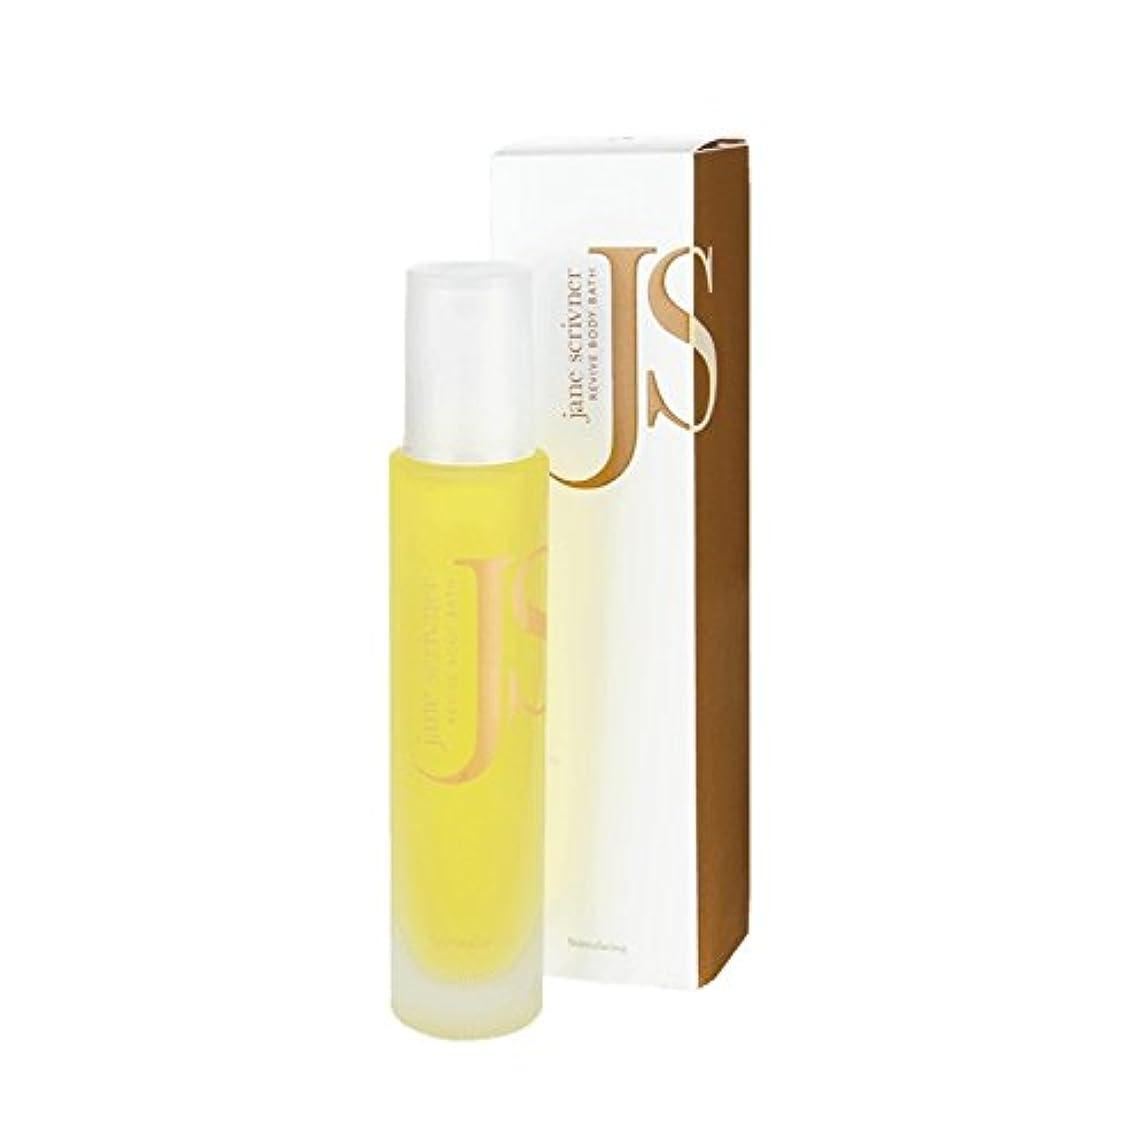 ソフトウェア自動車晩餐Jane Scrivner Body Bath Oil Revive 100ml (Pack of 2) - ジェーンScrivnerボディバスオイル100ミリリットルを復活させます (x2) [並行輸入品]